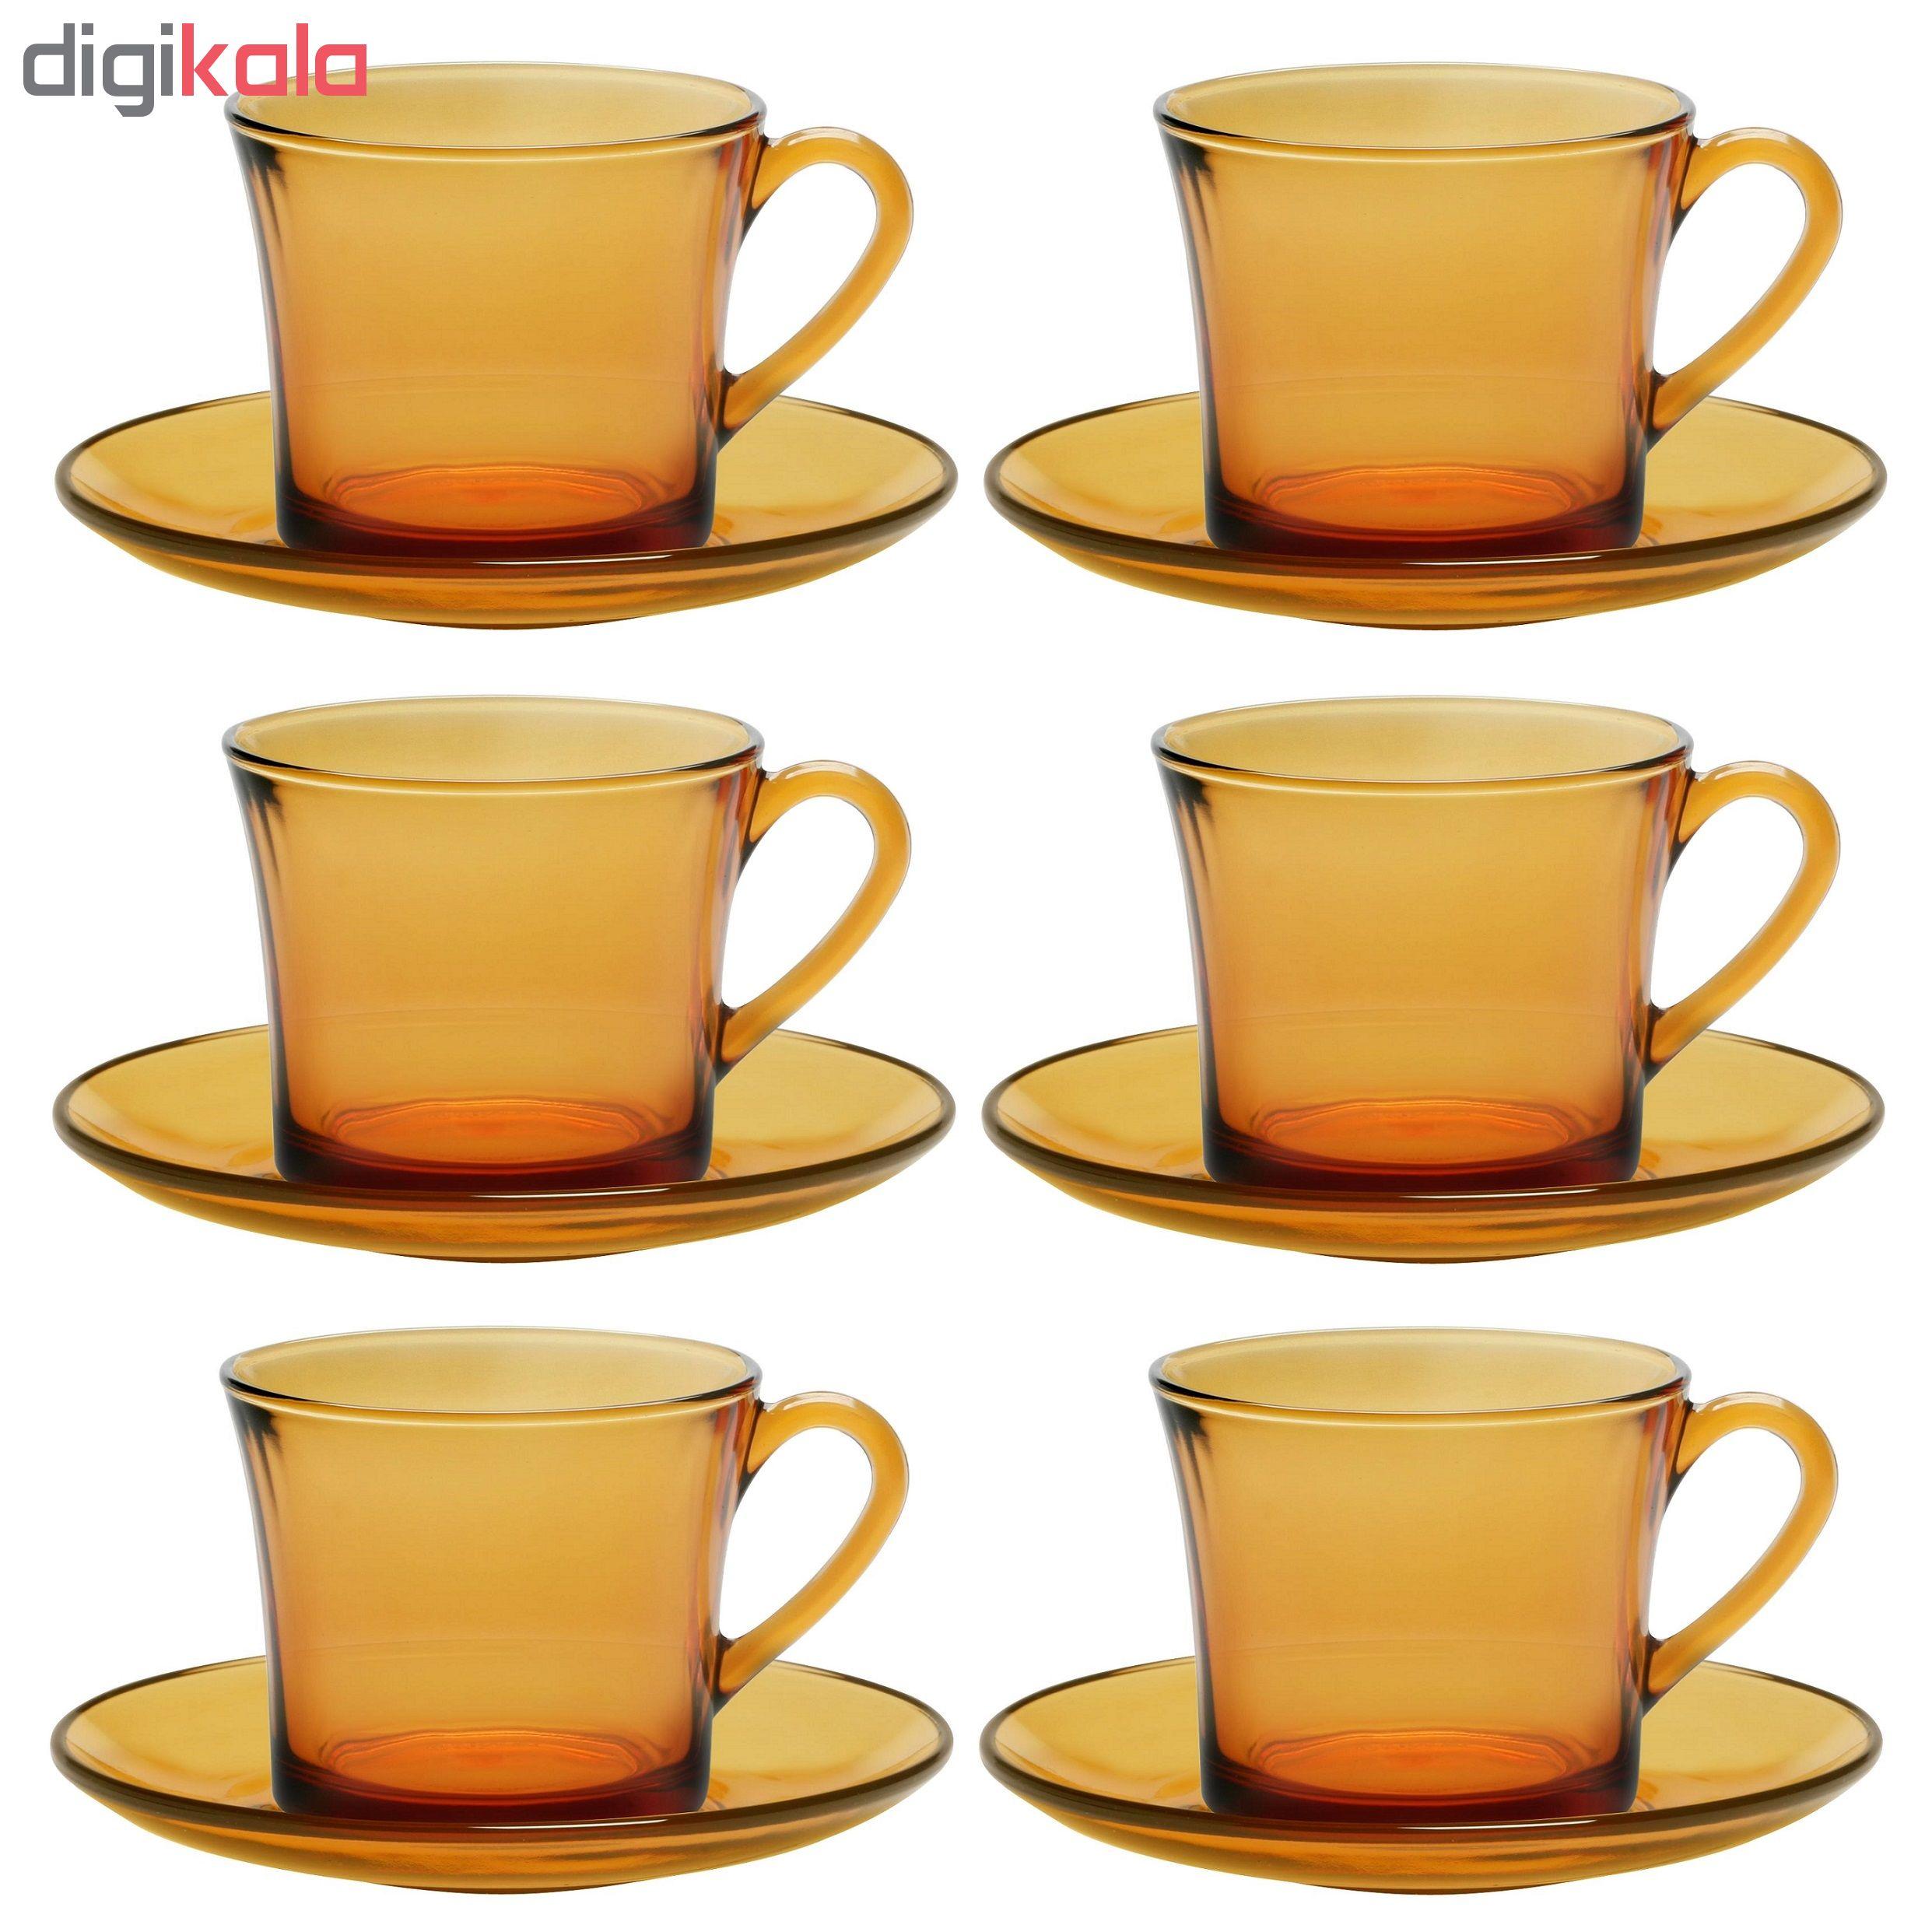 سرویس چای خوری 12 پارچه دورالکس مدل LYS